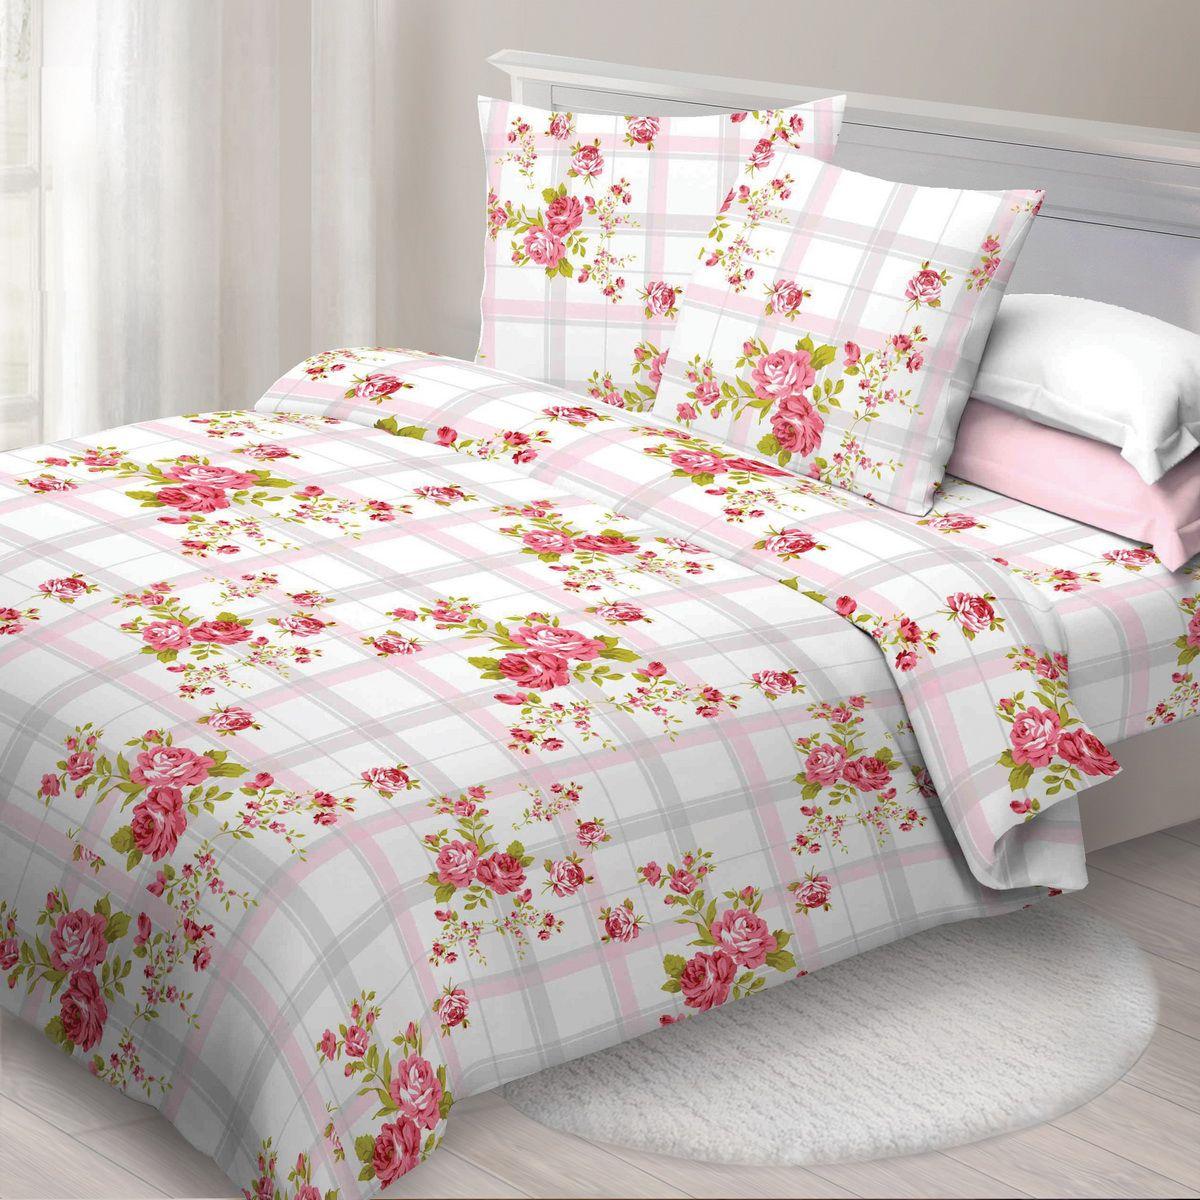 Комплект белья Спал Спалыч Доброе утро, 1,5-спальное, наволочки 70 x 70 см